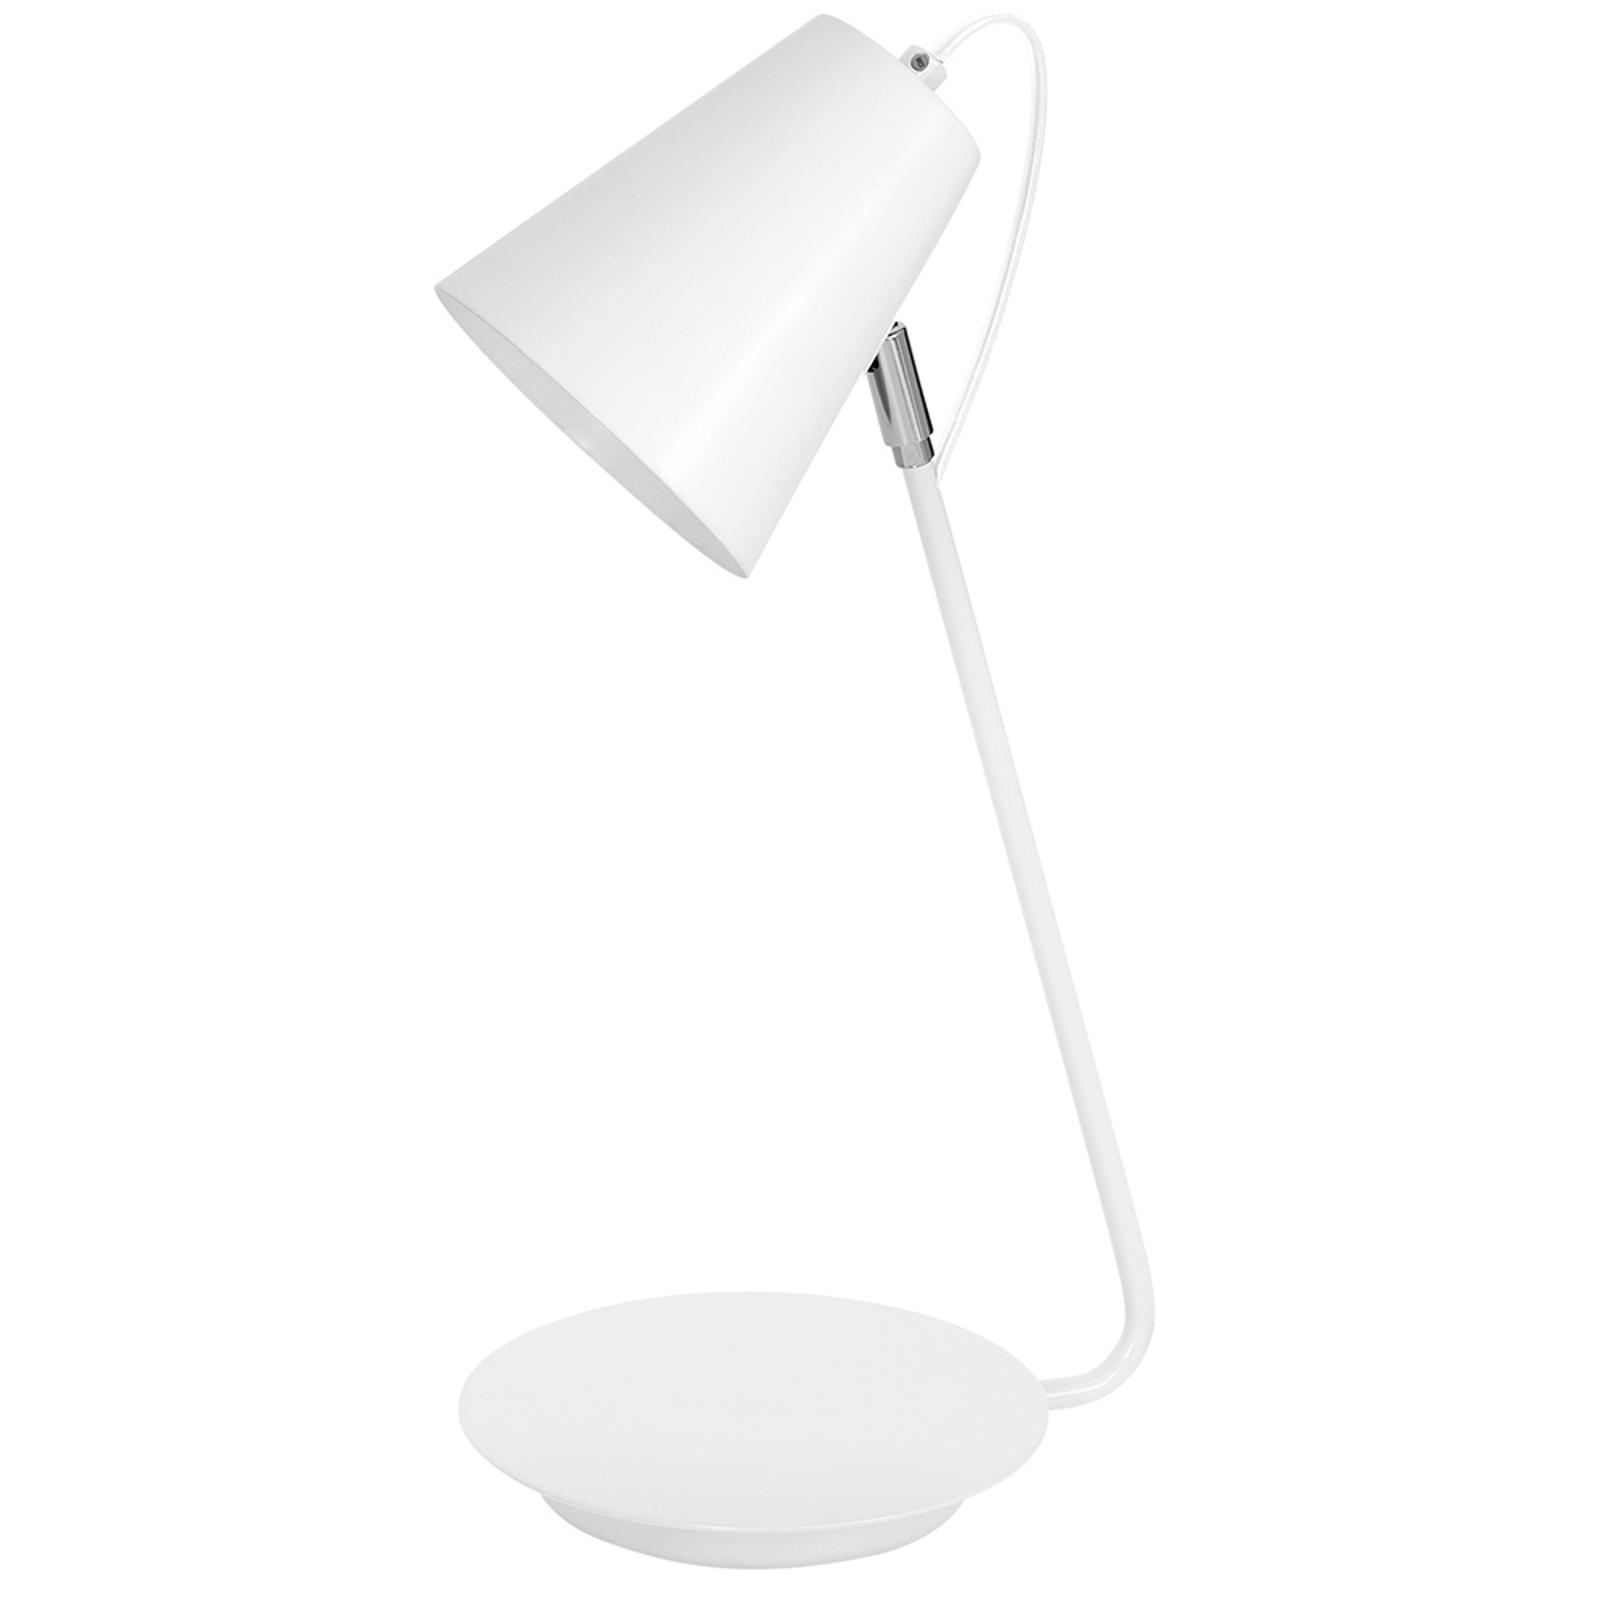 Lampa stołowa 8296 stożkowa chromowy detal, biała